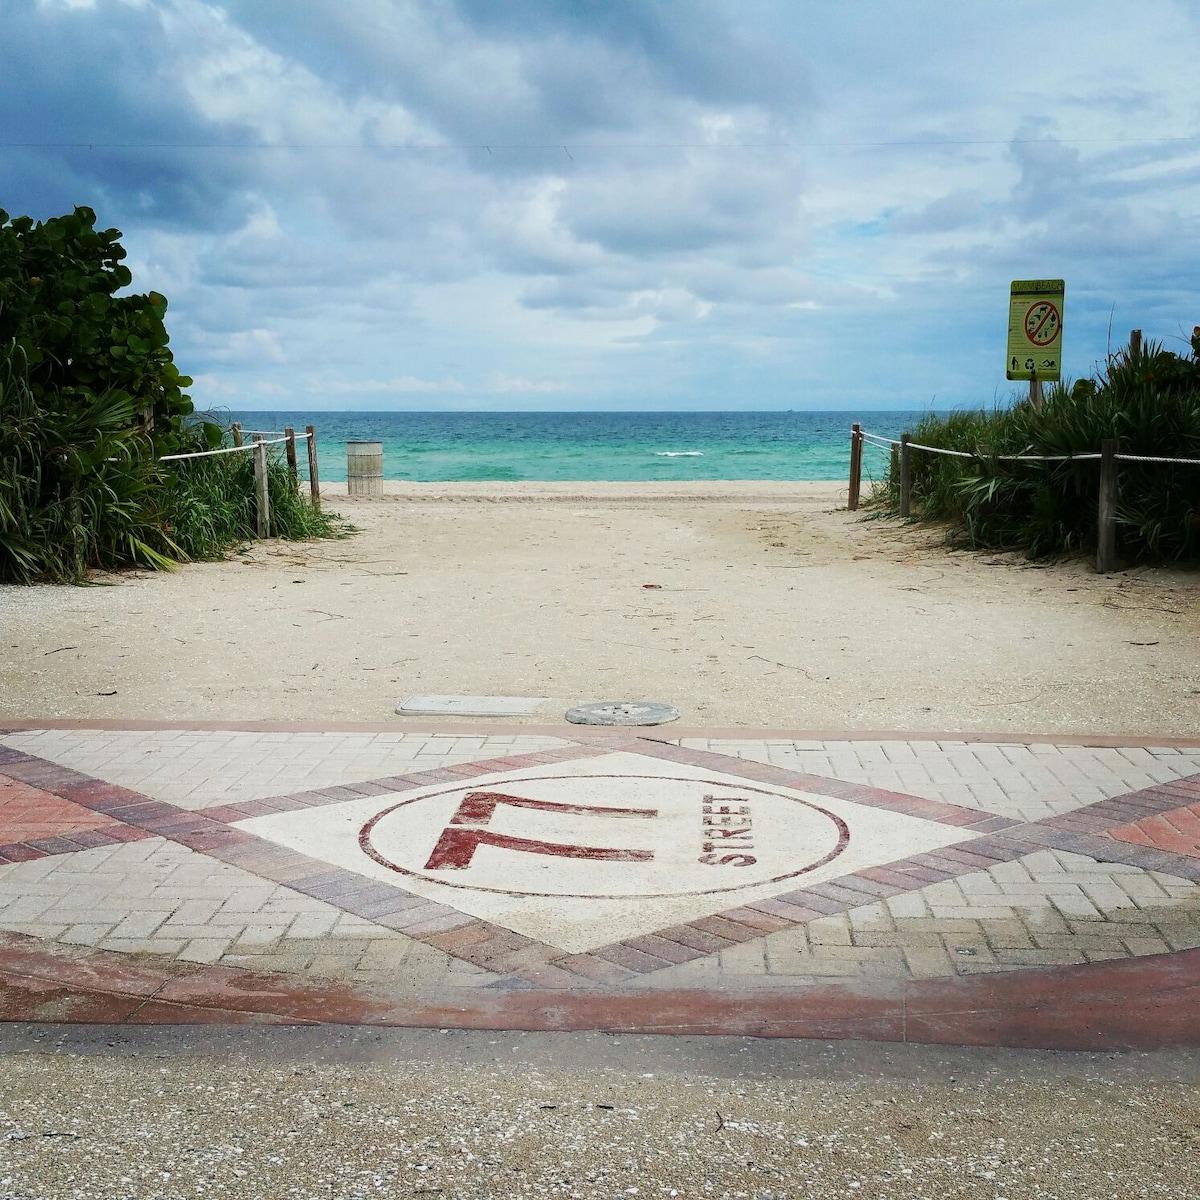 77th street beach.  A block from the apartment!  That's a running trail that runs along the beach.